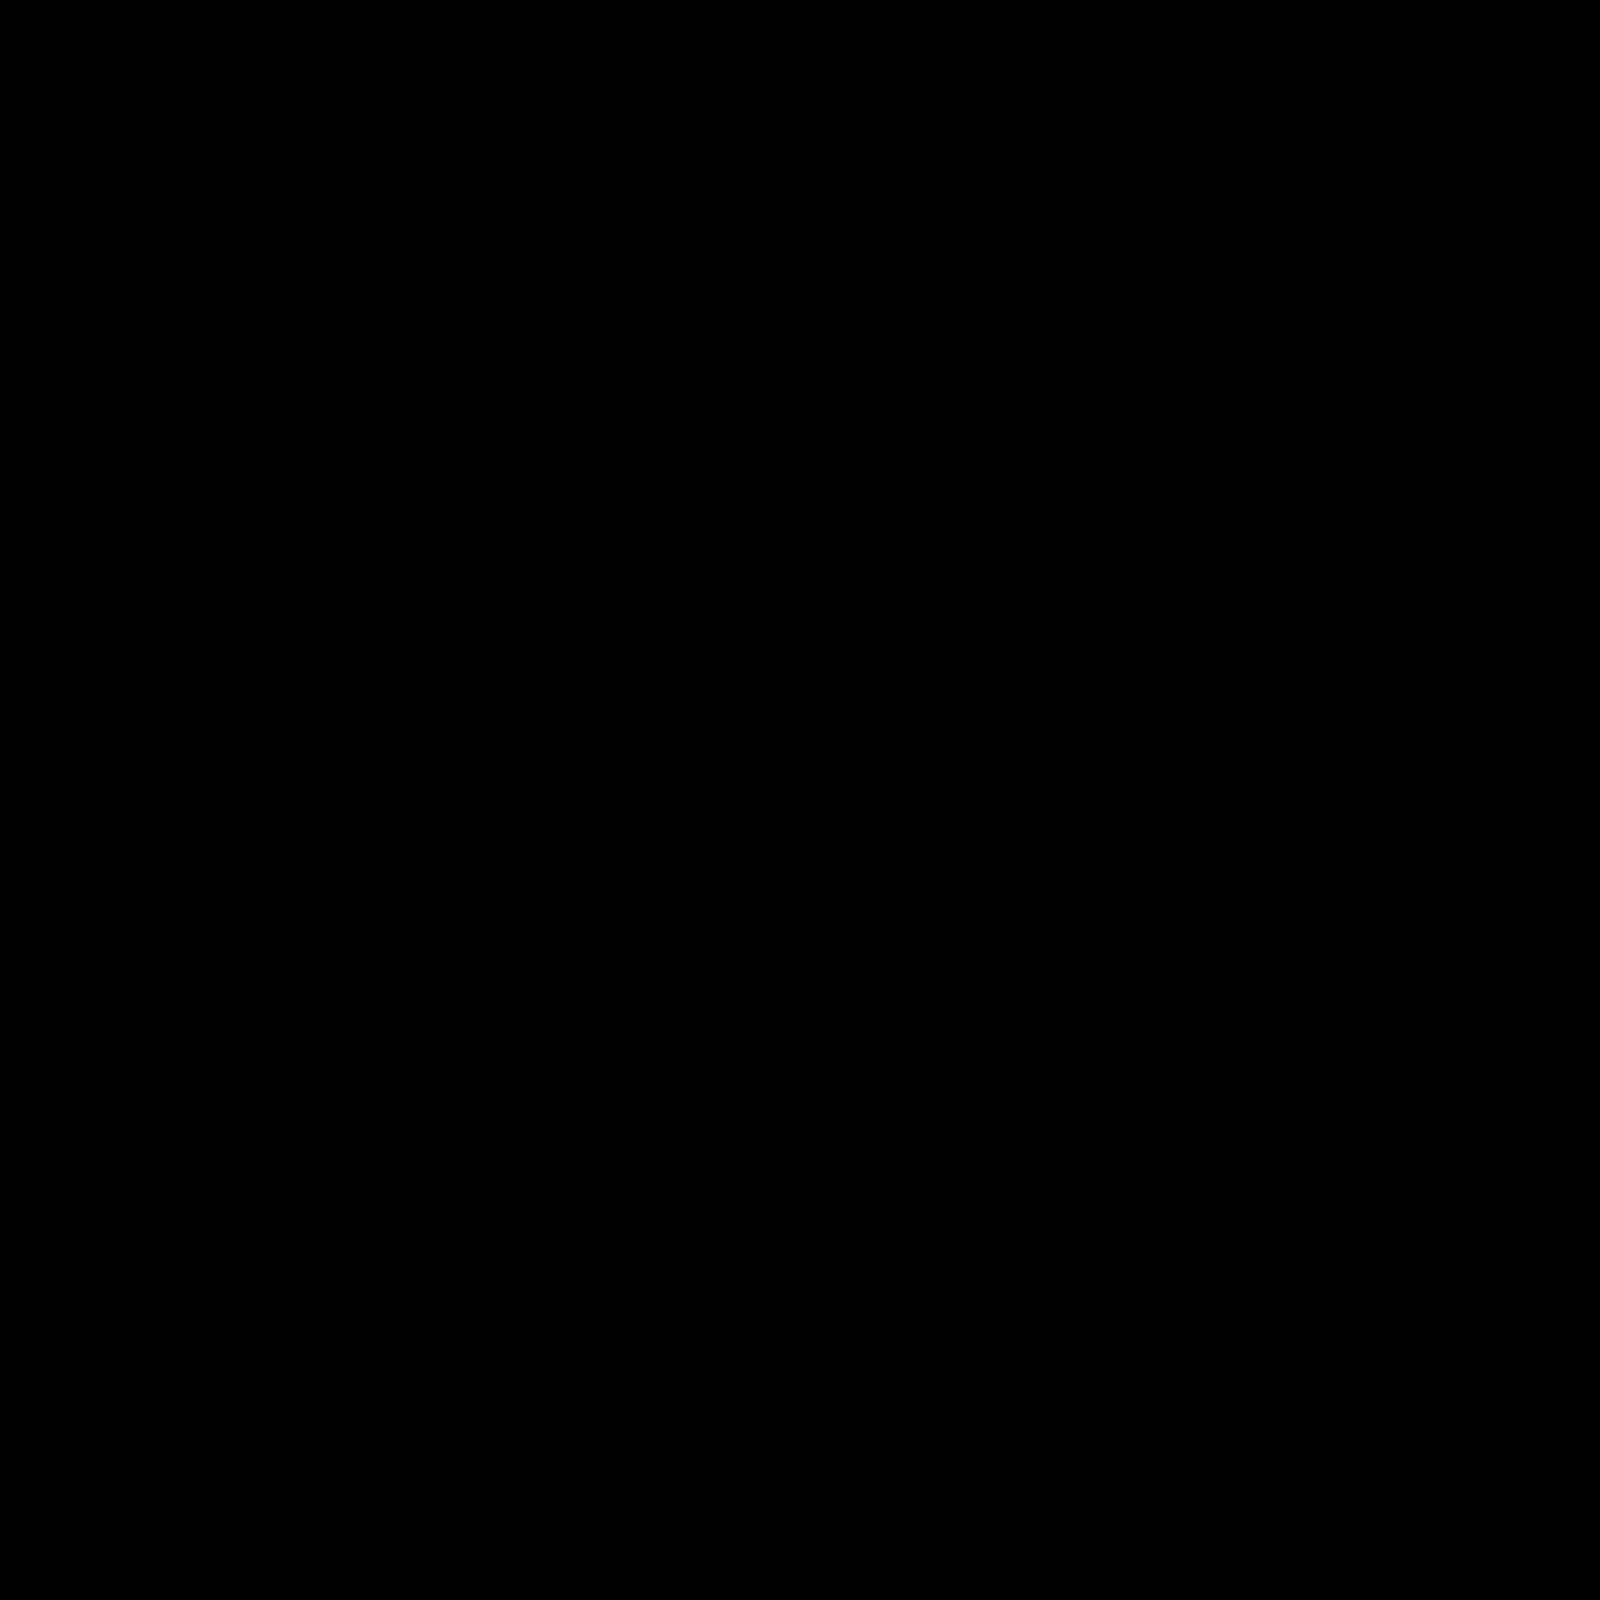 Guzik 2 icon